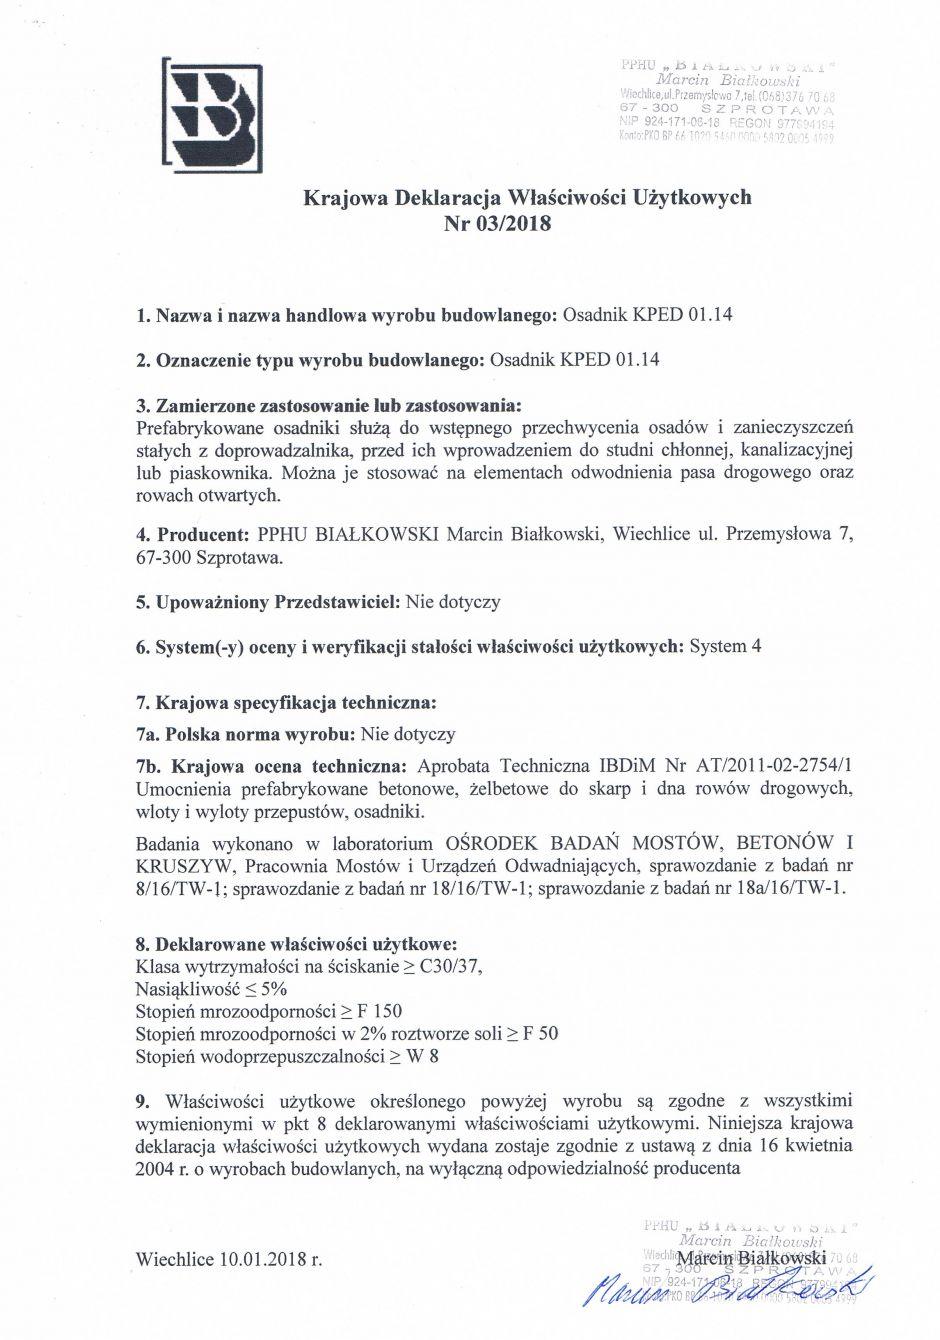 Krajowa Deklaracja Właściwości Użytkowych Nr 03/2018